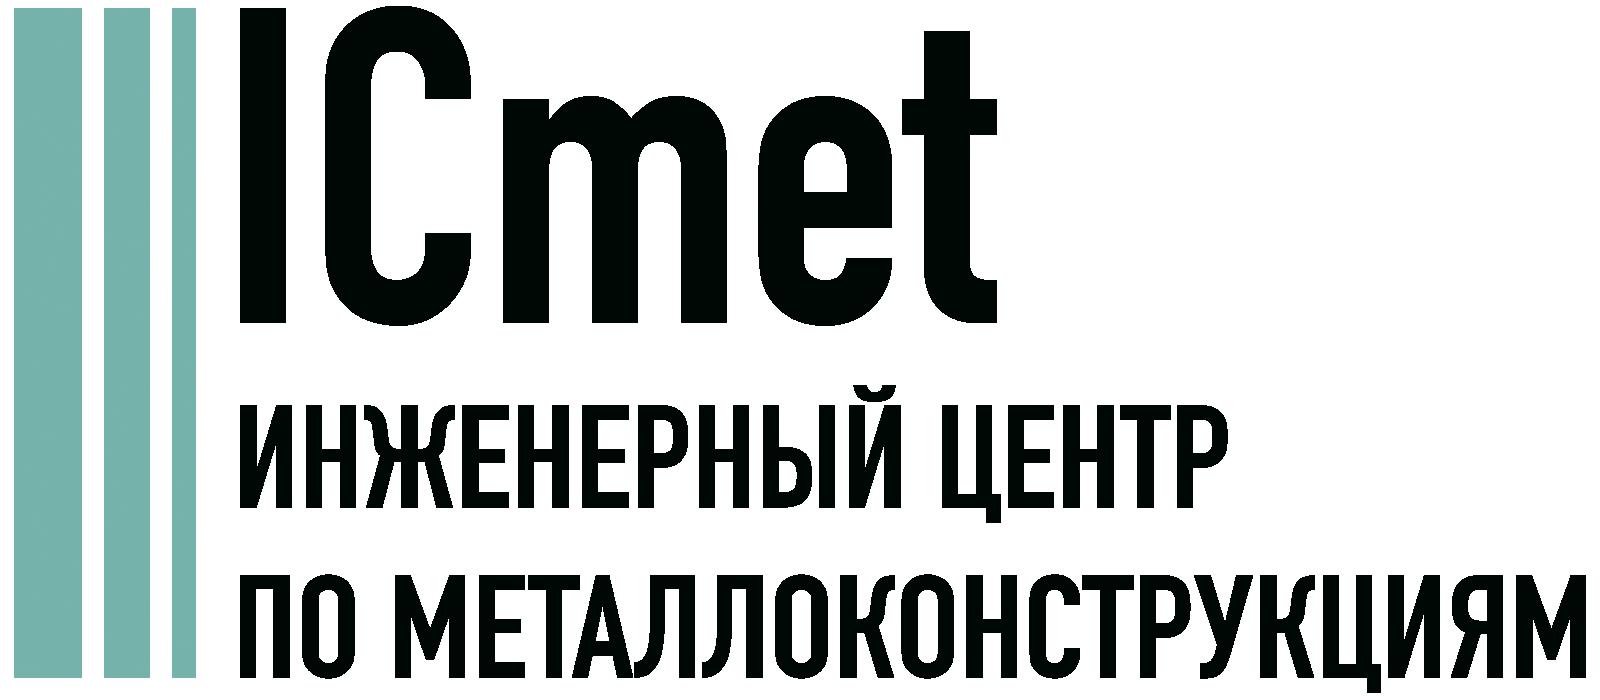 Проектирование металлоконструкций во Владимире